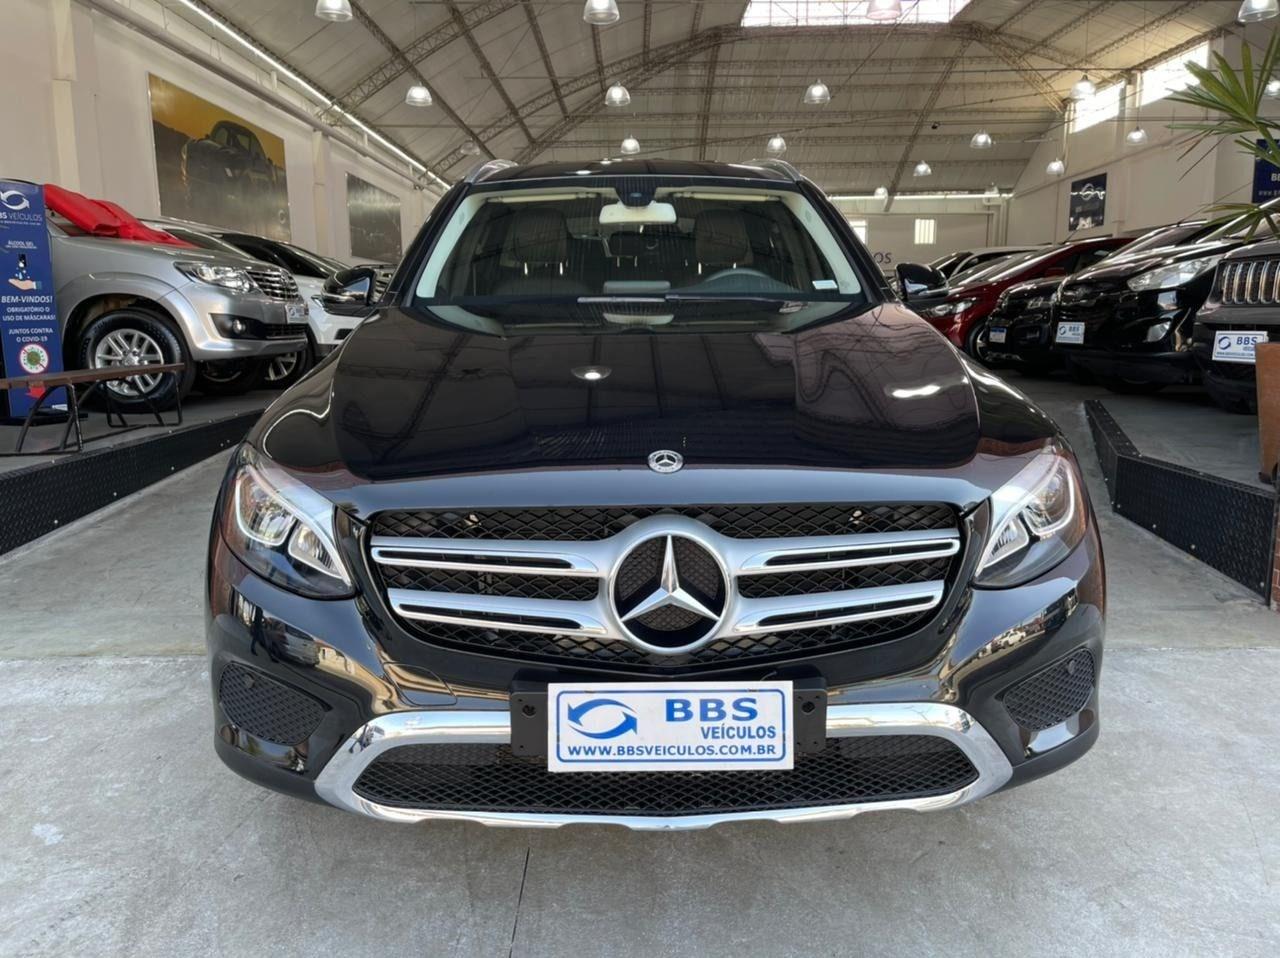 //www.autoline.com.br/carro/mercedes-benz/glc-250-20-4matic-highway-16v-gasolina-4p-turbo-autom/2018/sao-paulo-sp/15125710